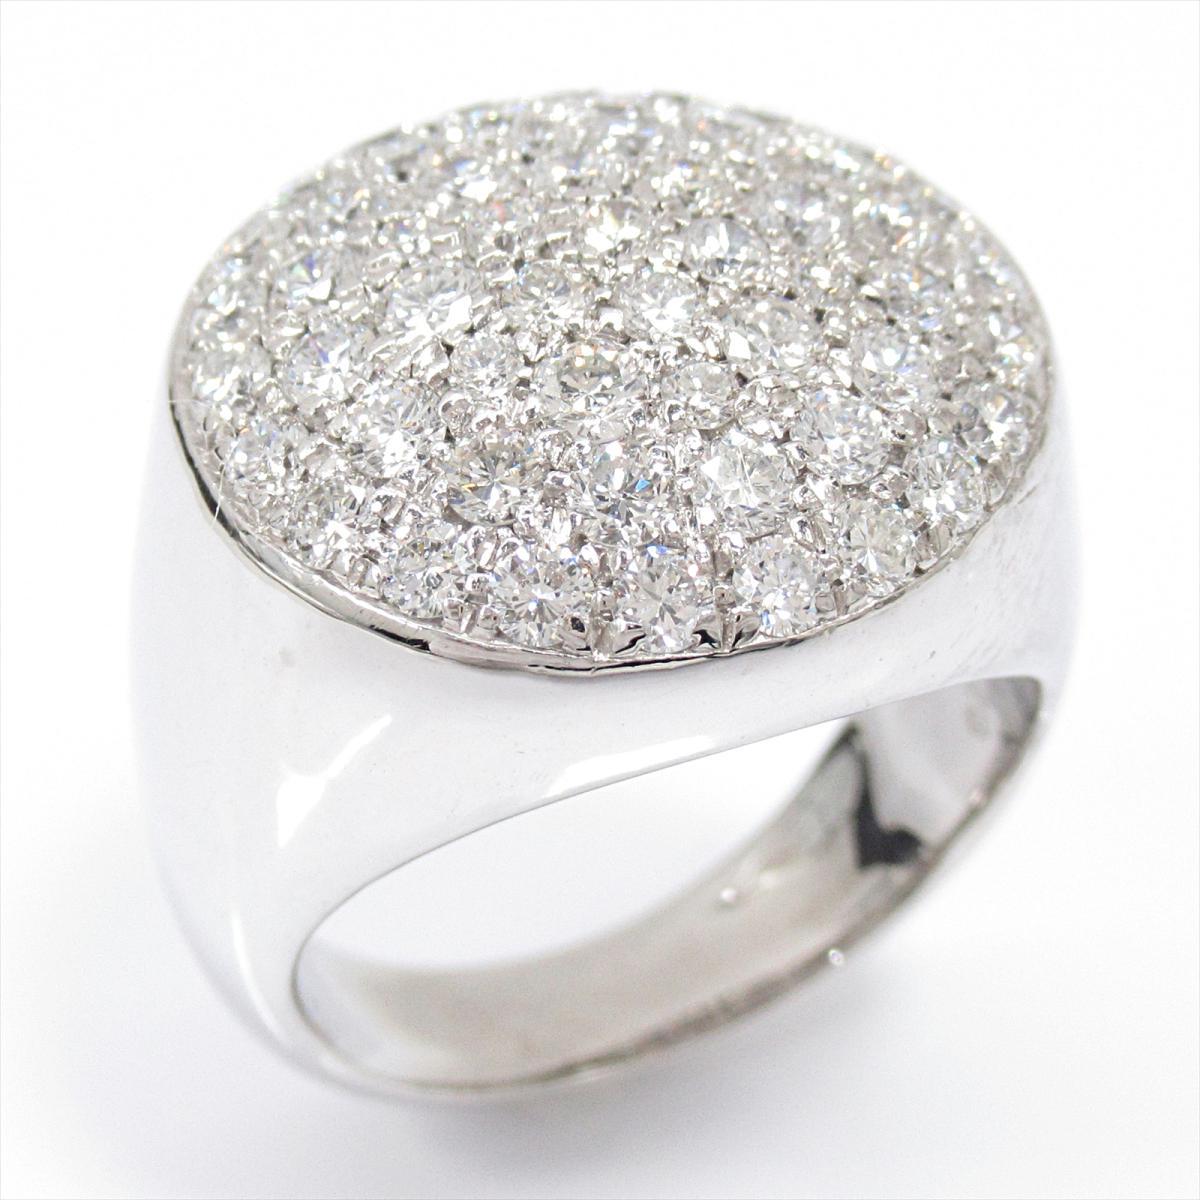 人気特価 【】 ジュエリー 美品 ダイヤモンドリング 指輪 レディース ブランドオフ K18WG (750) K18 ホワイトゴールド x ダイヤモンド (2.01ct) | JEWELRY リング K18 18K 18金 ダイヤ リング 美品 ブランドオフ, 画材、額縁、コピックの「風の門」:b85ceac8 --- greencard.progsite.com